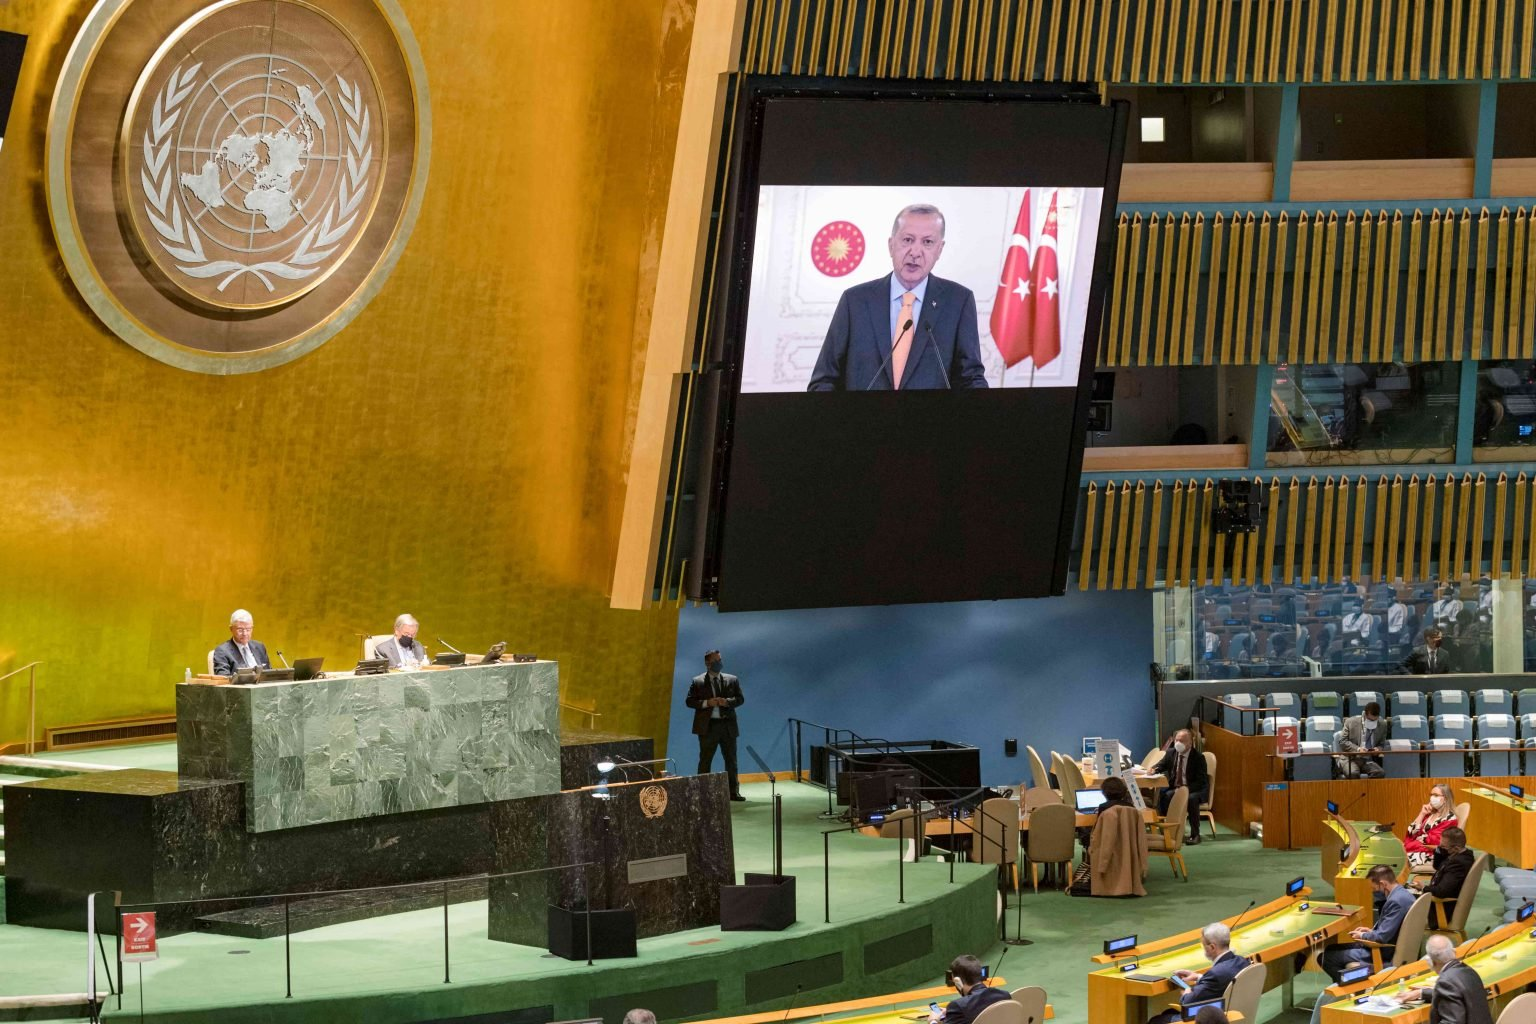 مندوب إسرائيل يغادر القاعة الأممية إثر انتقادات أردوغان